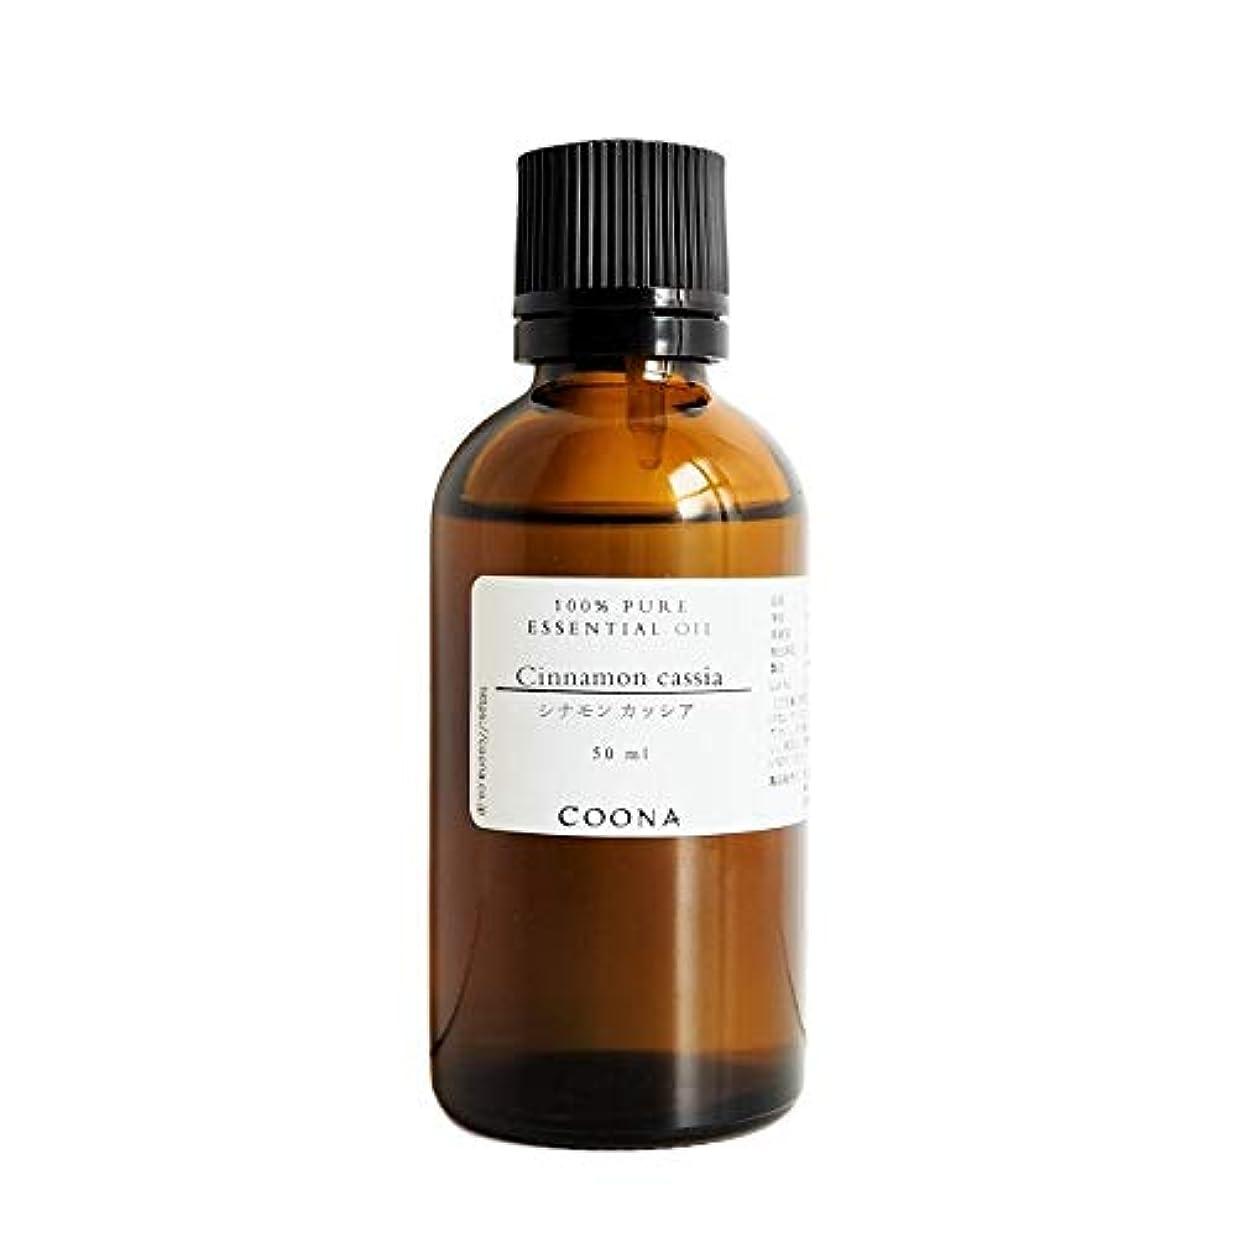 資格タイトルガレージシナモン カッシア 50 ml (COONA エッセンシャルオイル アロマオイル 100% 天然植物精油)